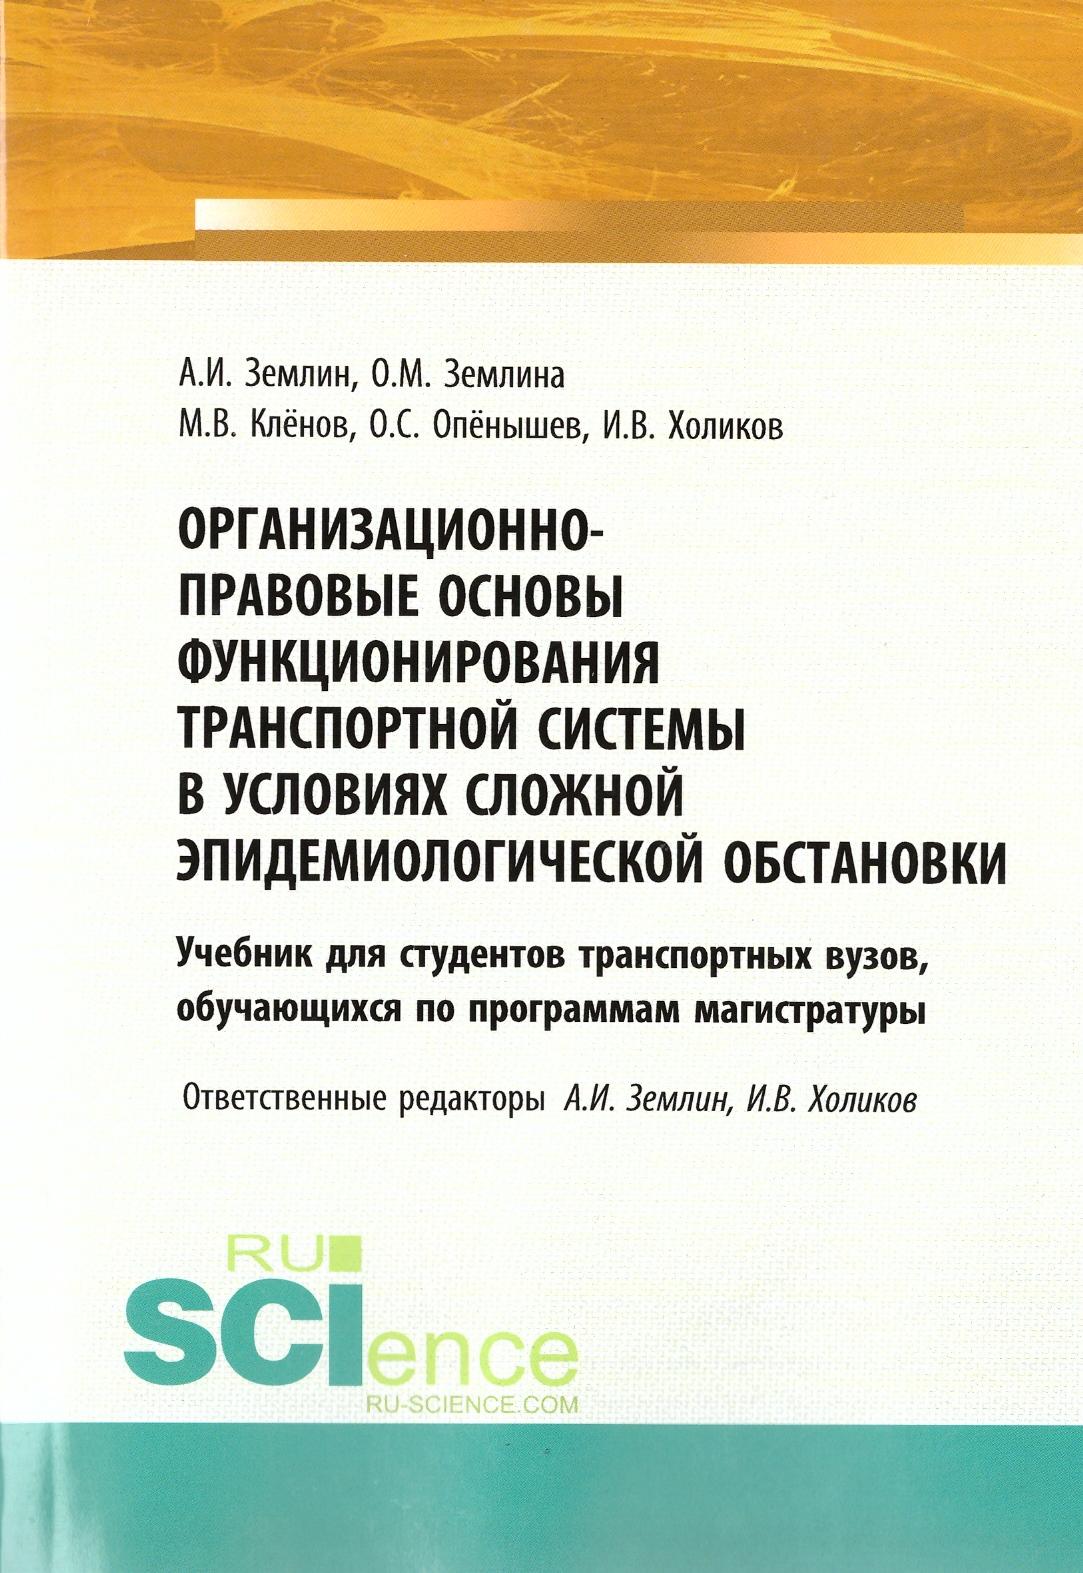 Организационно-правовые основы функционирования транспортной системы  в условиях сложной эпидемиологической обстановки